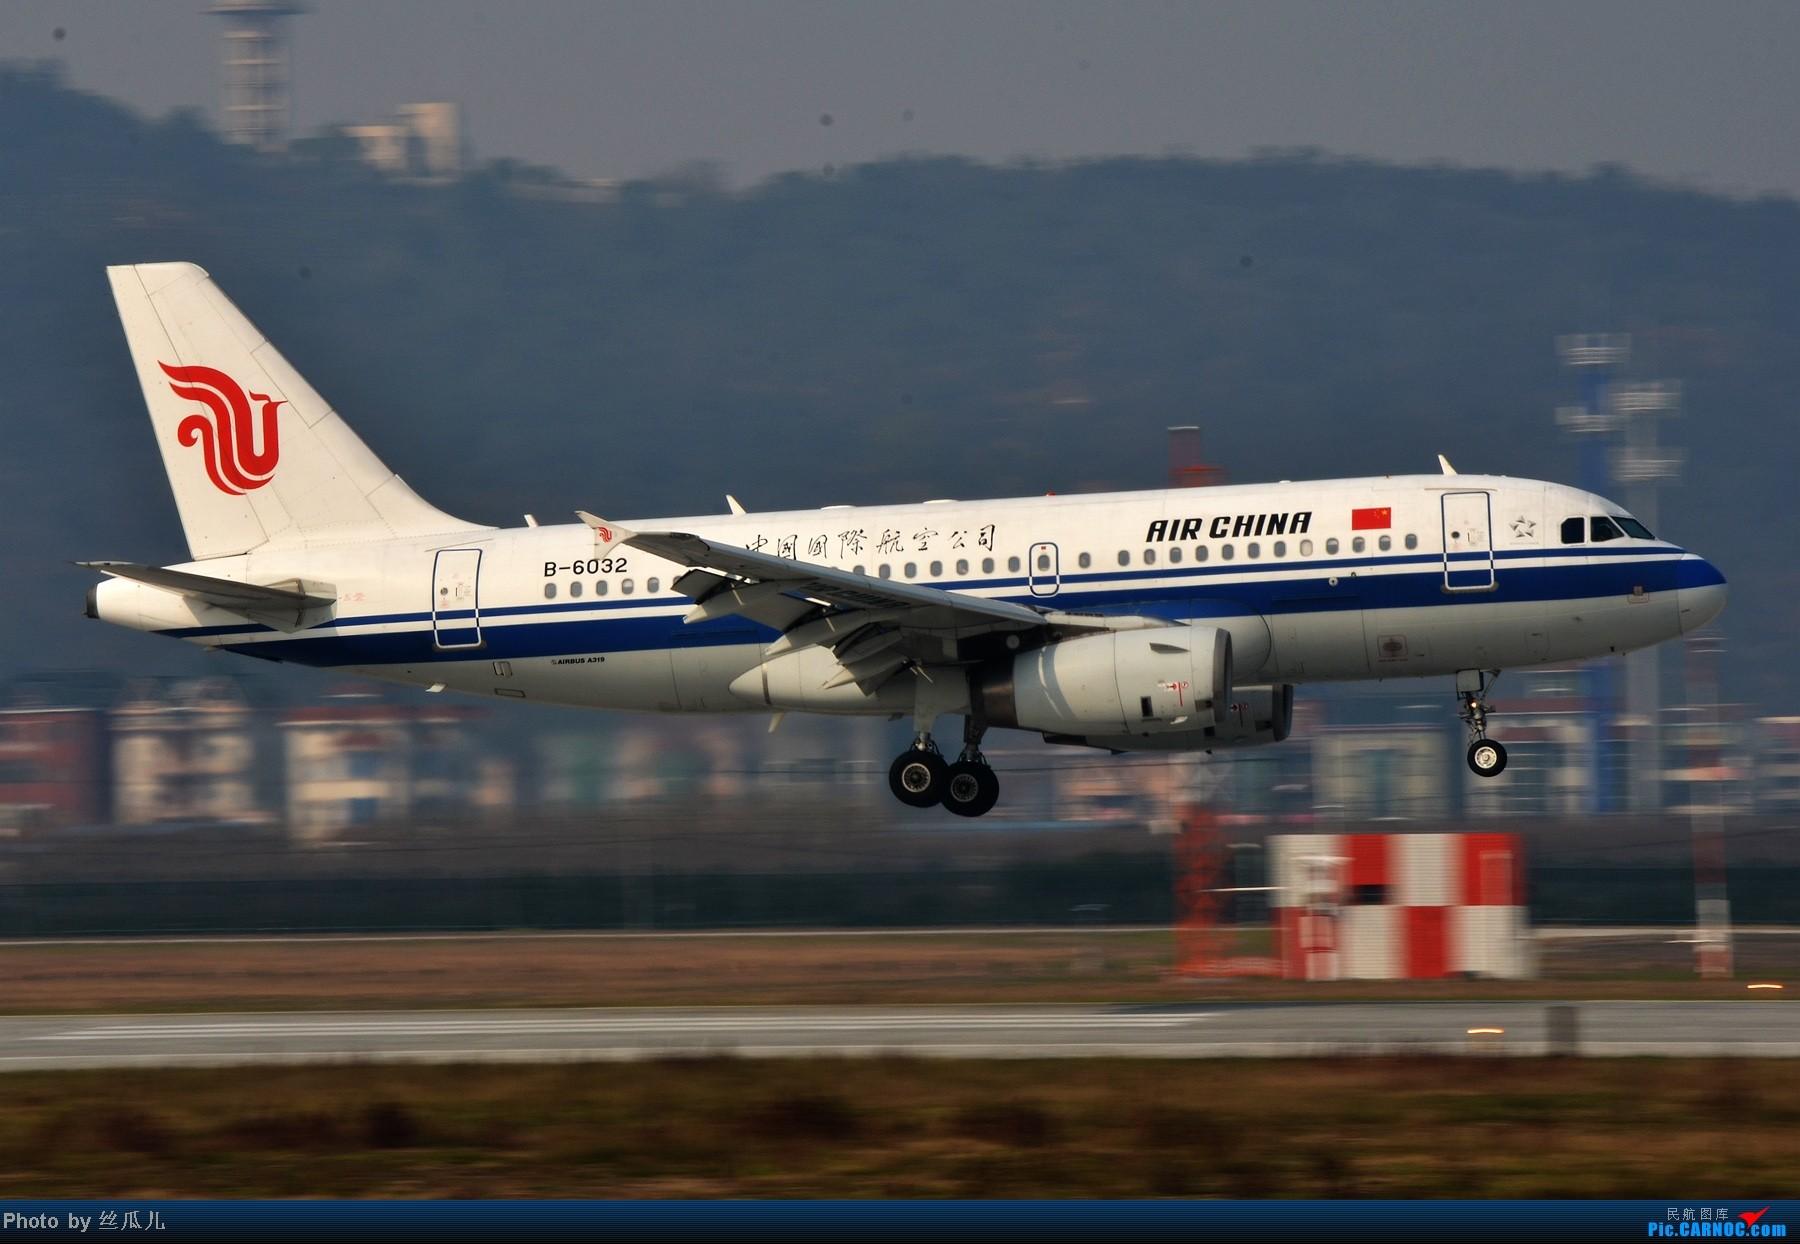 Re:[原创]【HGH二跑】话说如今的二跑有了制高点--趁今天雾霾好转一点赶紧去练练甩腰--今日中午二跑拍机一小时全记录 AIRBUS A319-100 B-6032 中国杭州萧山机场